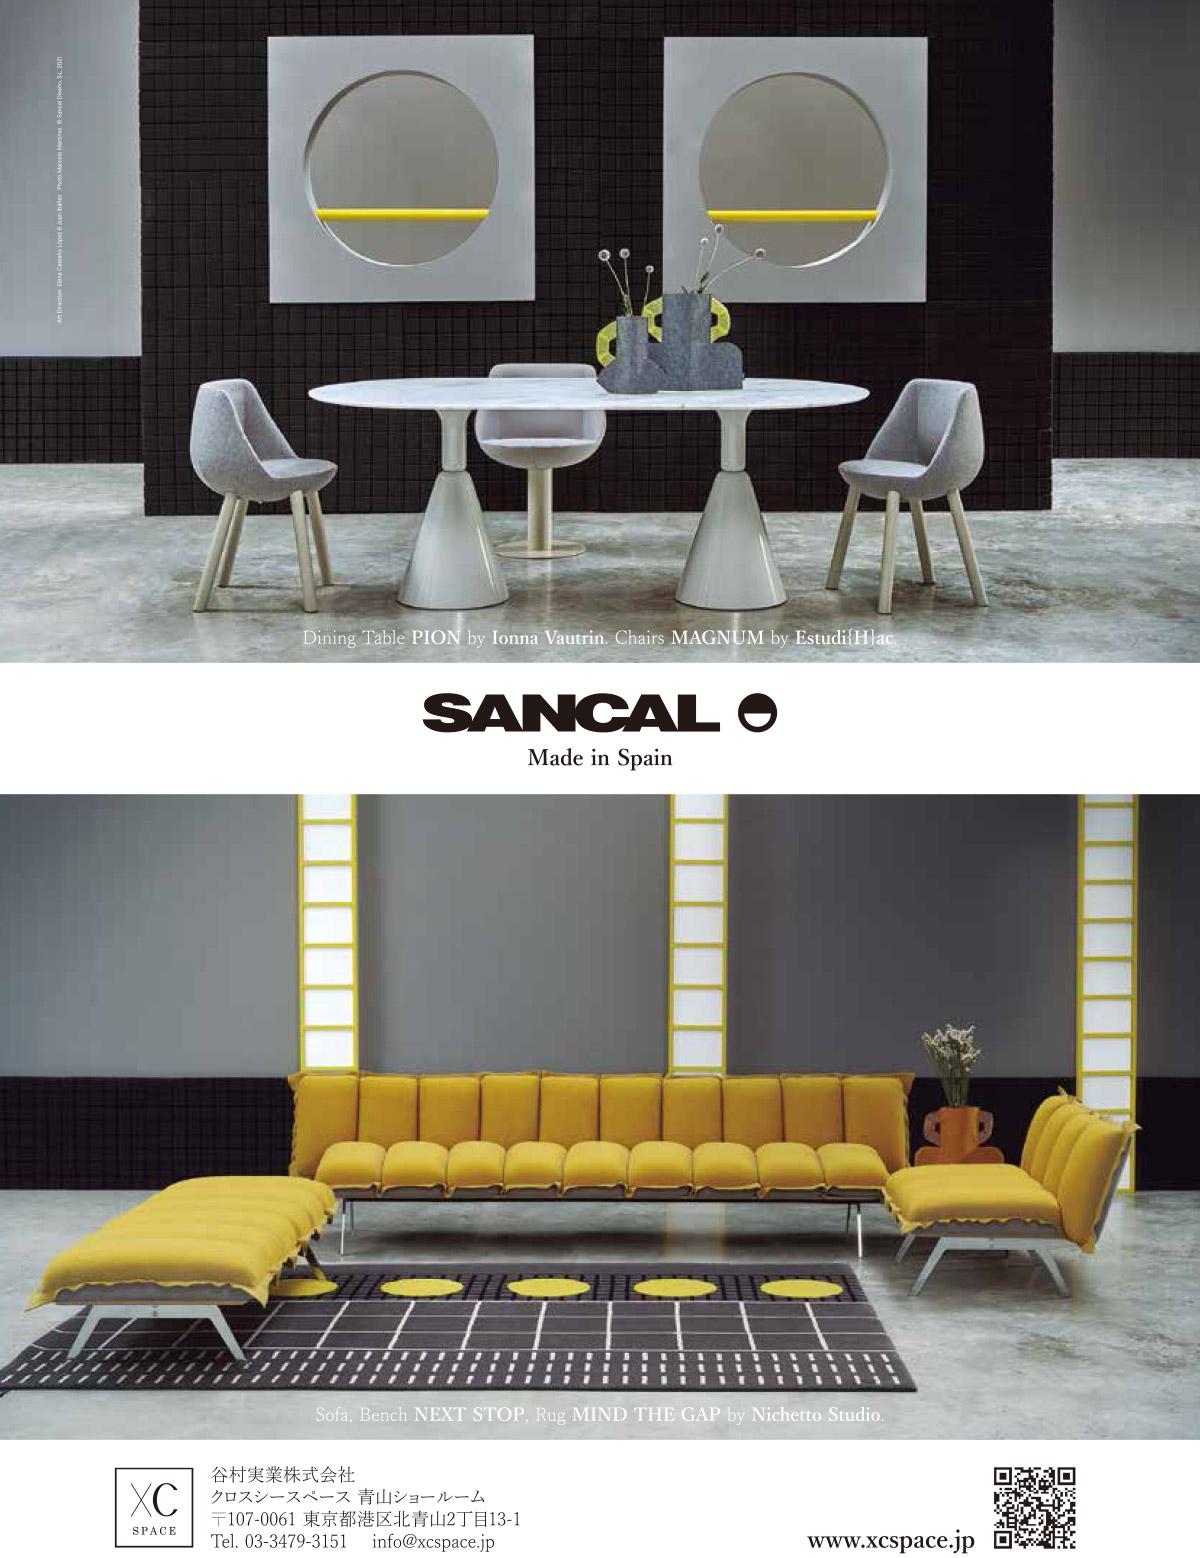 インテリアとデザインの雑誌『エル・デコ(ELLE DECOR)』2021年4月号にsancalの商品が掲載されました。